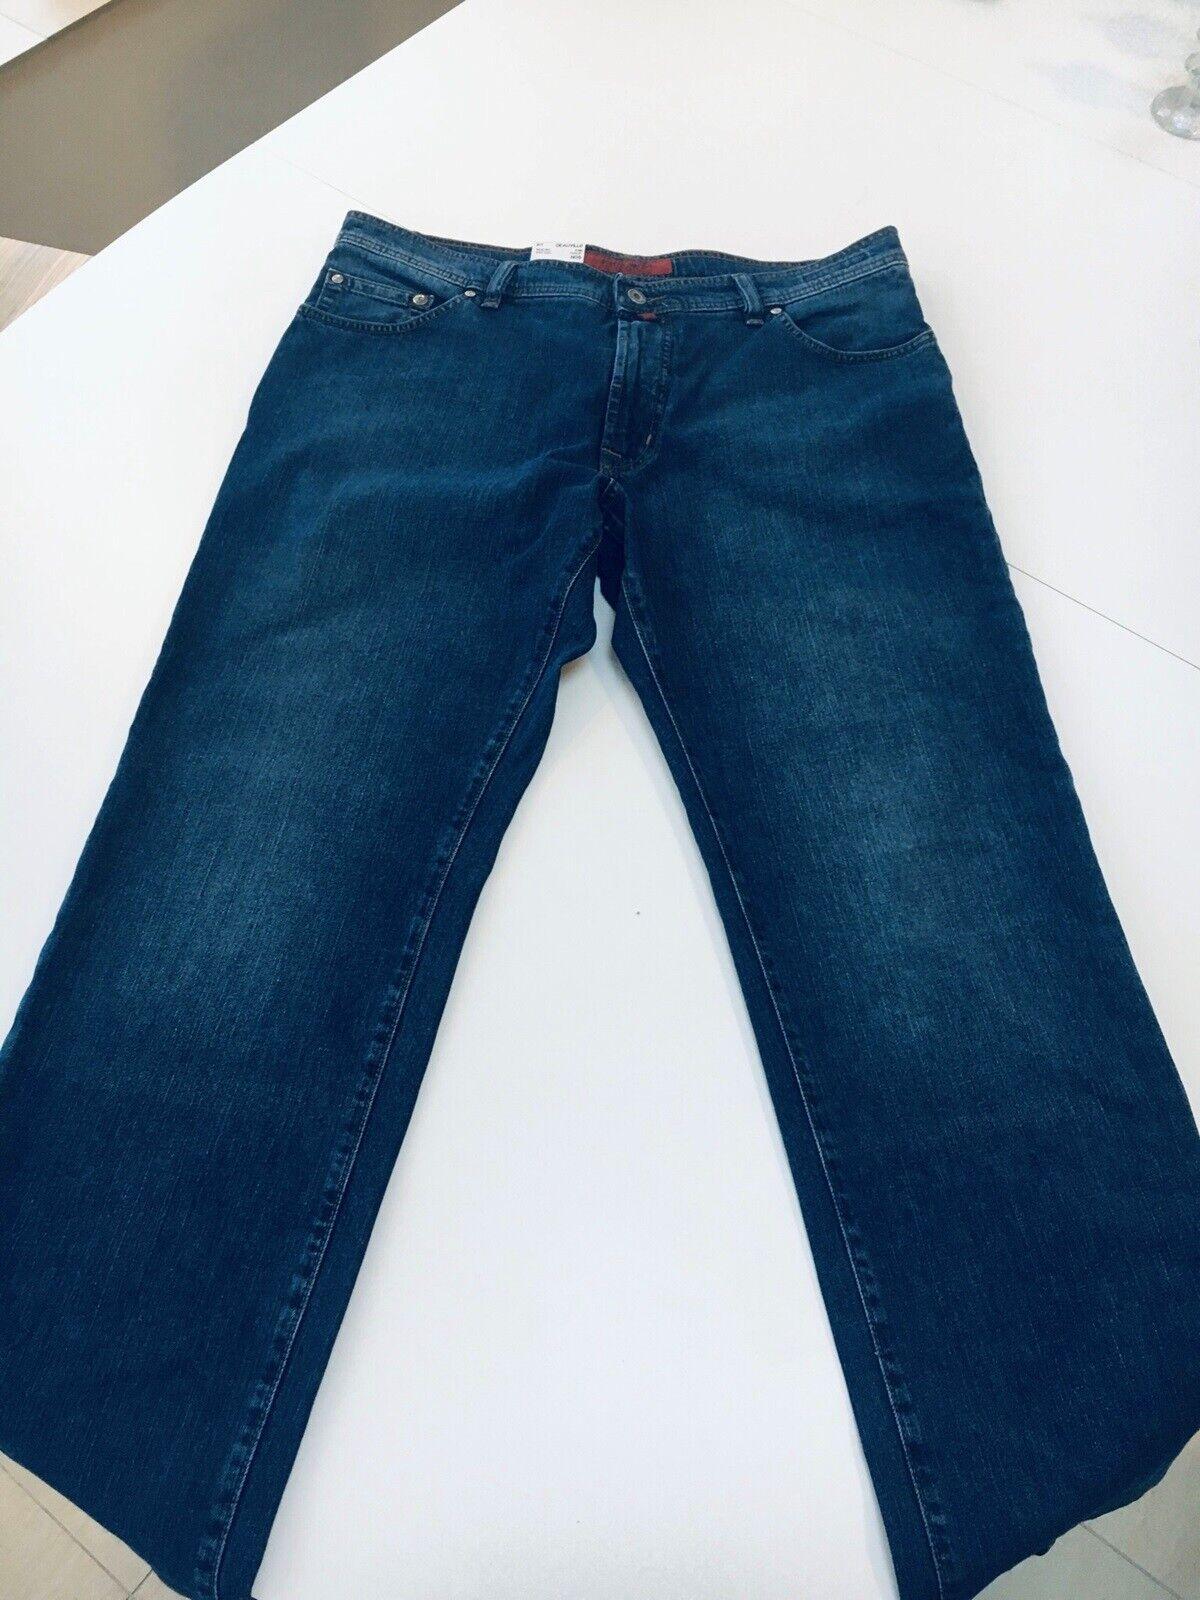 Jeans, Pierre Cardin, str. 48